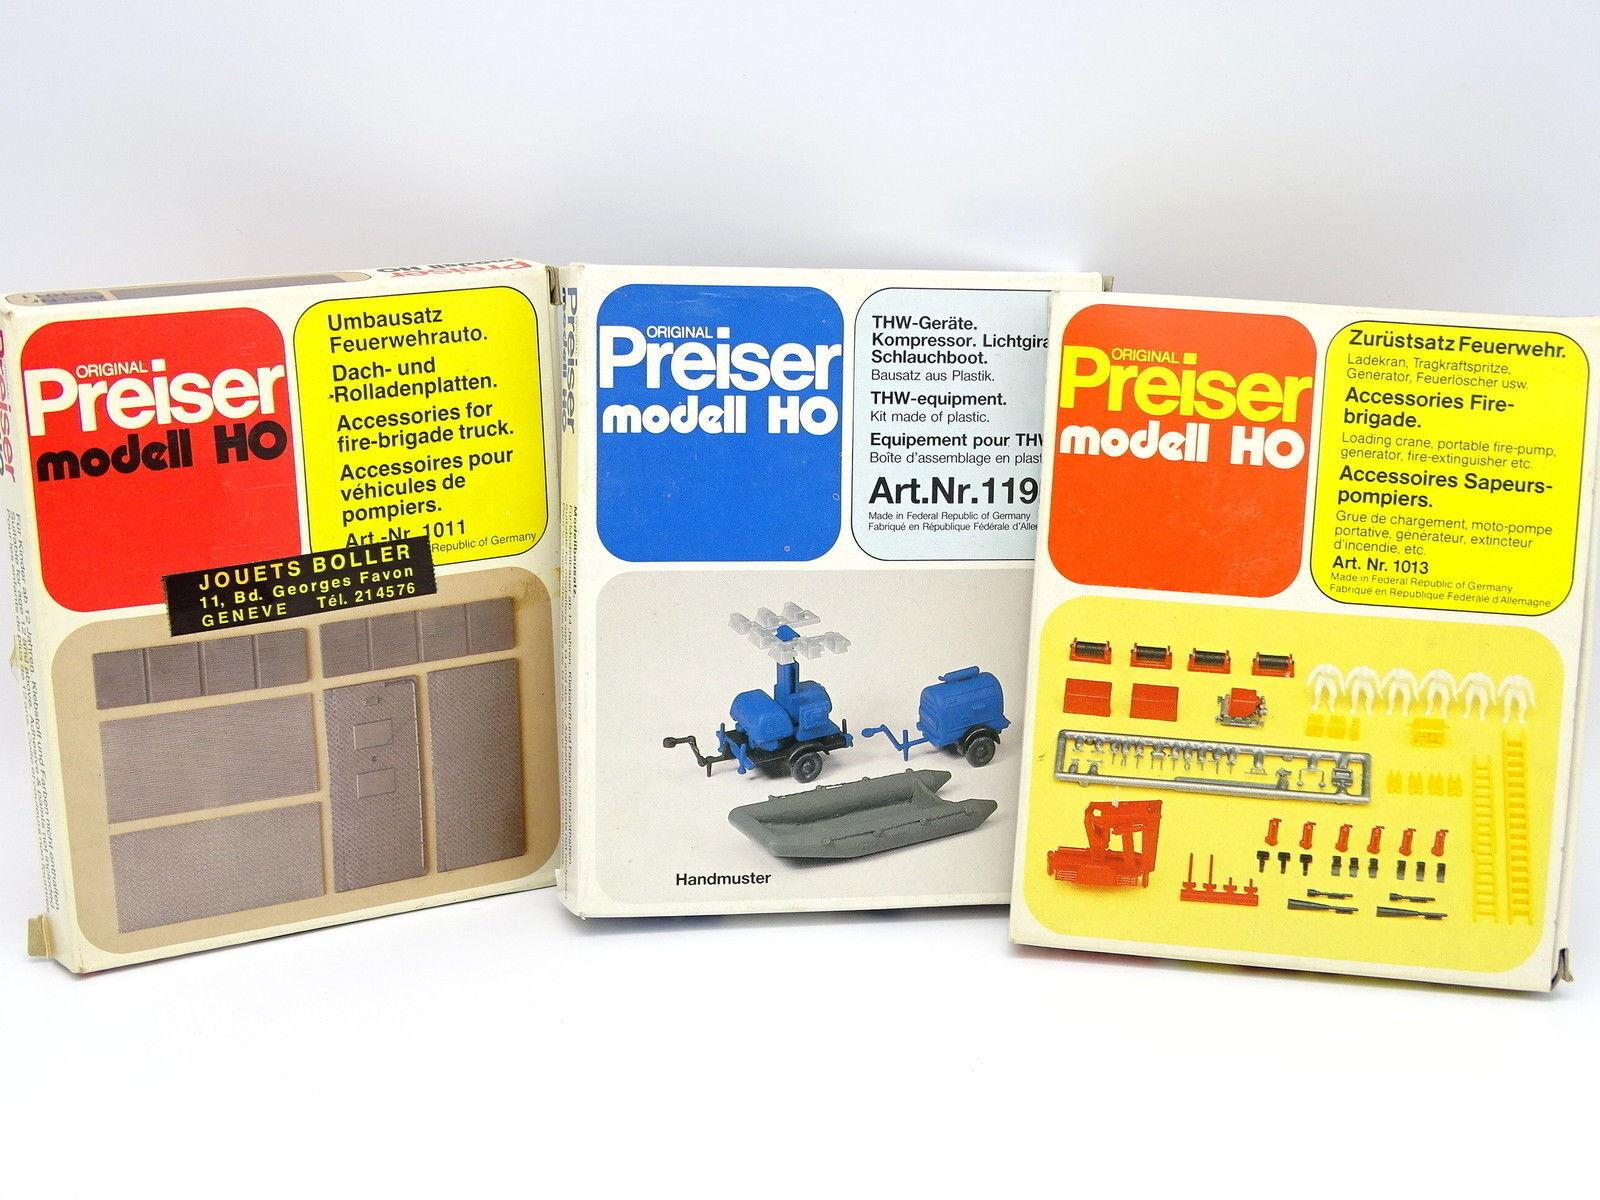 Preiser Kit à monter 1 87 HO HO HO  Lot de 3 Boîtes Accessoires Pompiers Feuerwehr THW cbfbe3